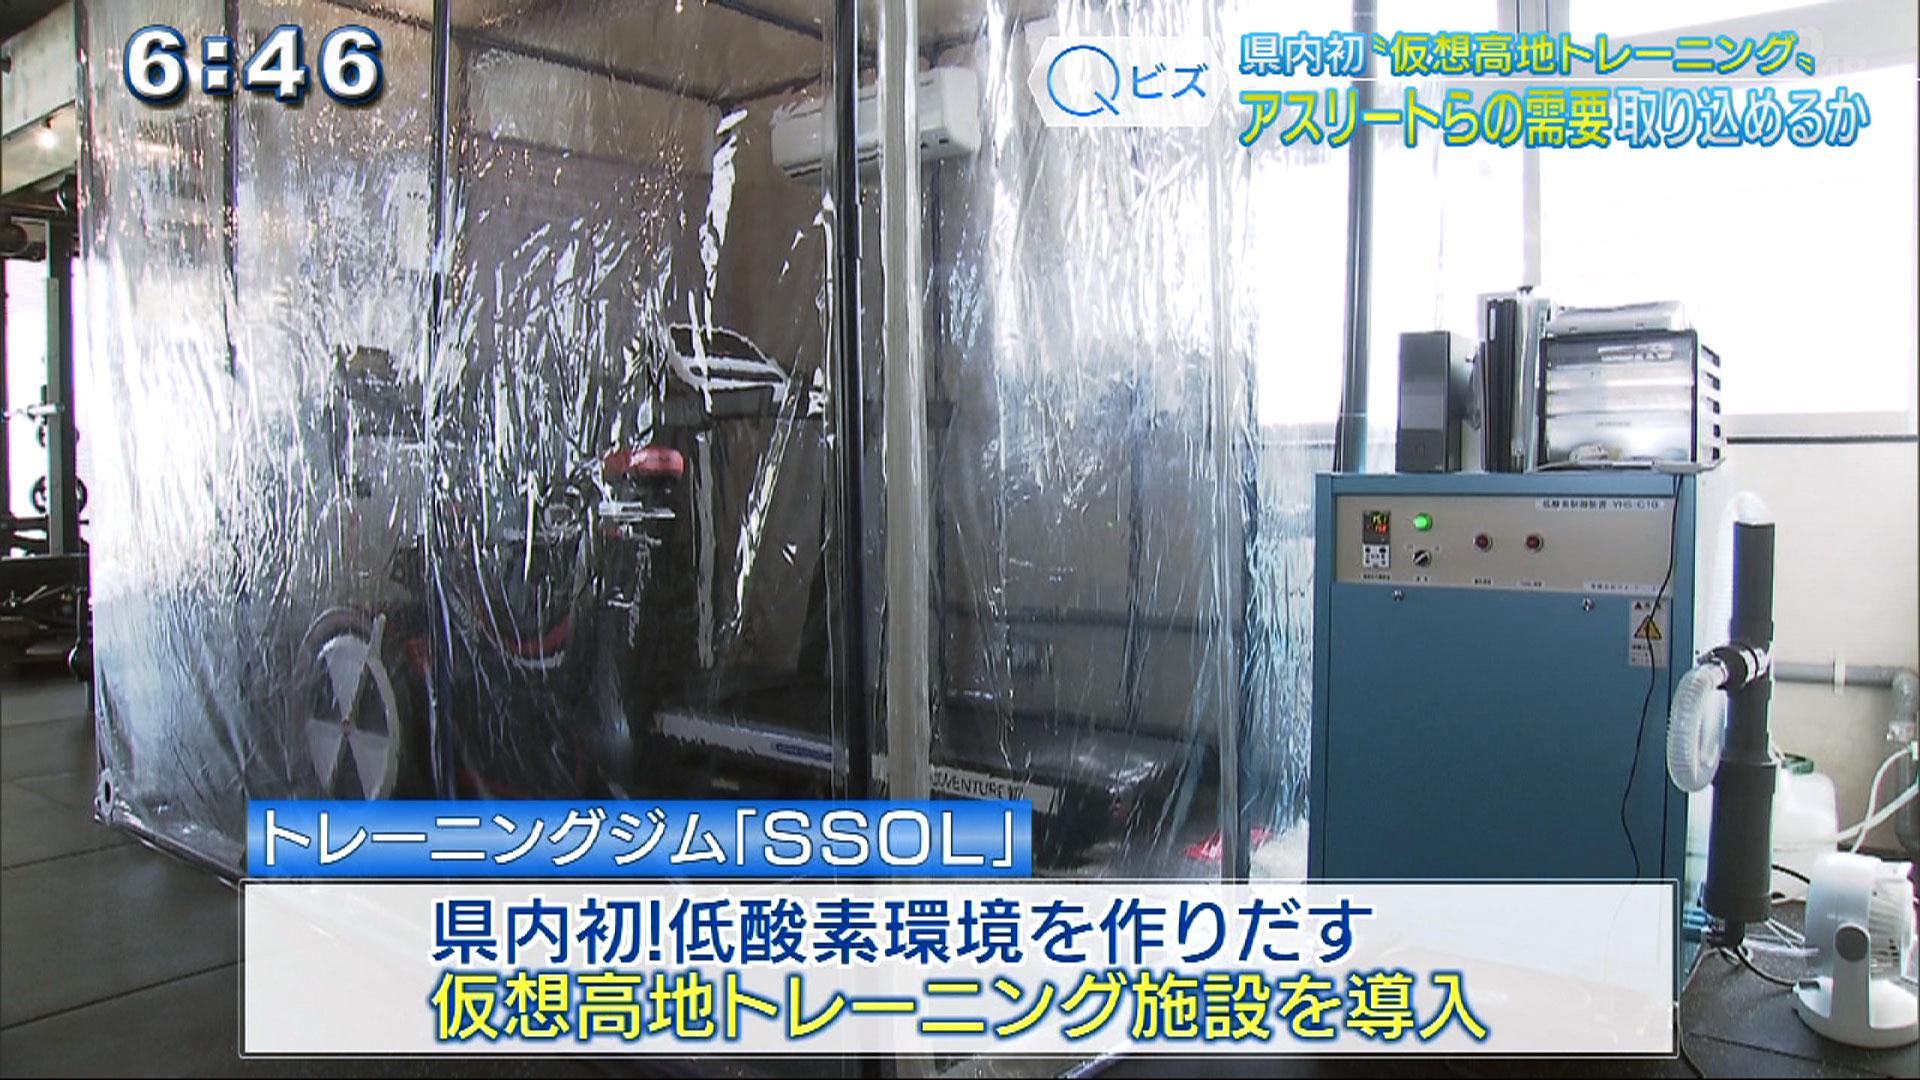 Qビズ 新たな需要取り込めるか 県内初「仮想高地トレーニング」